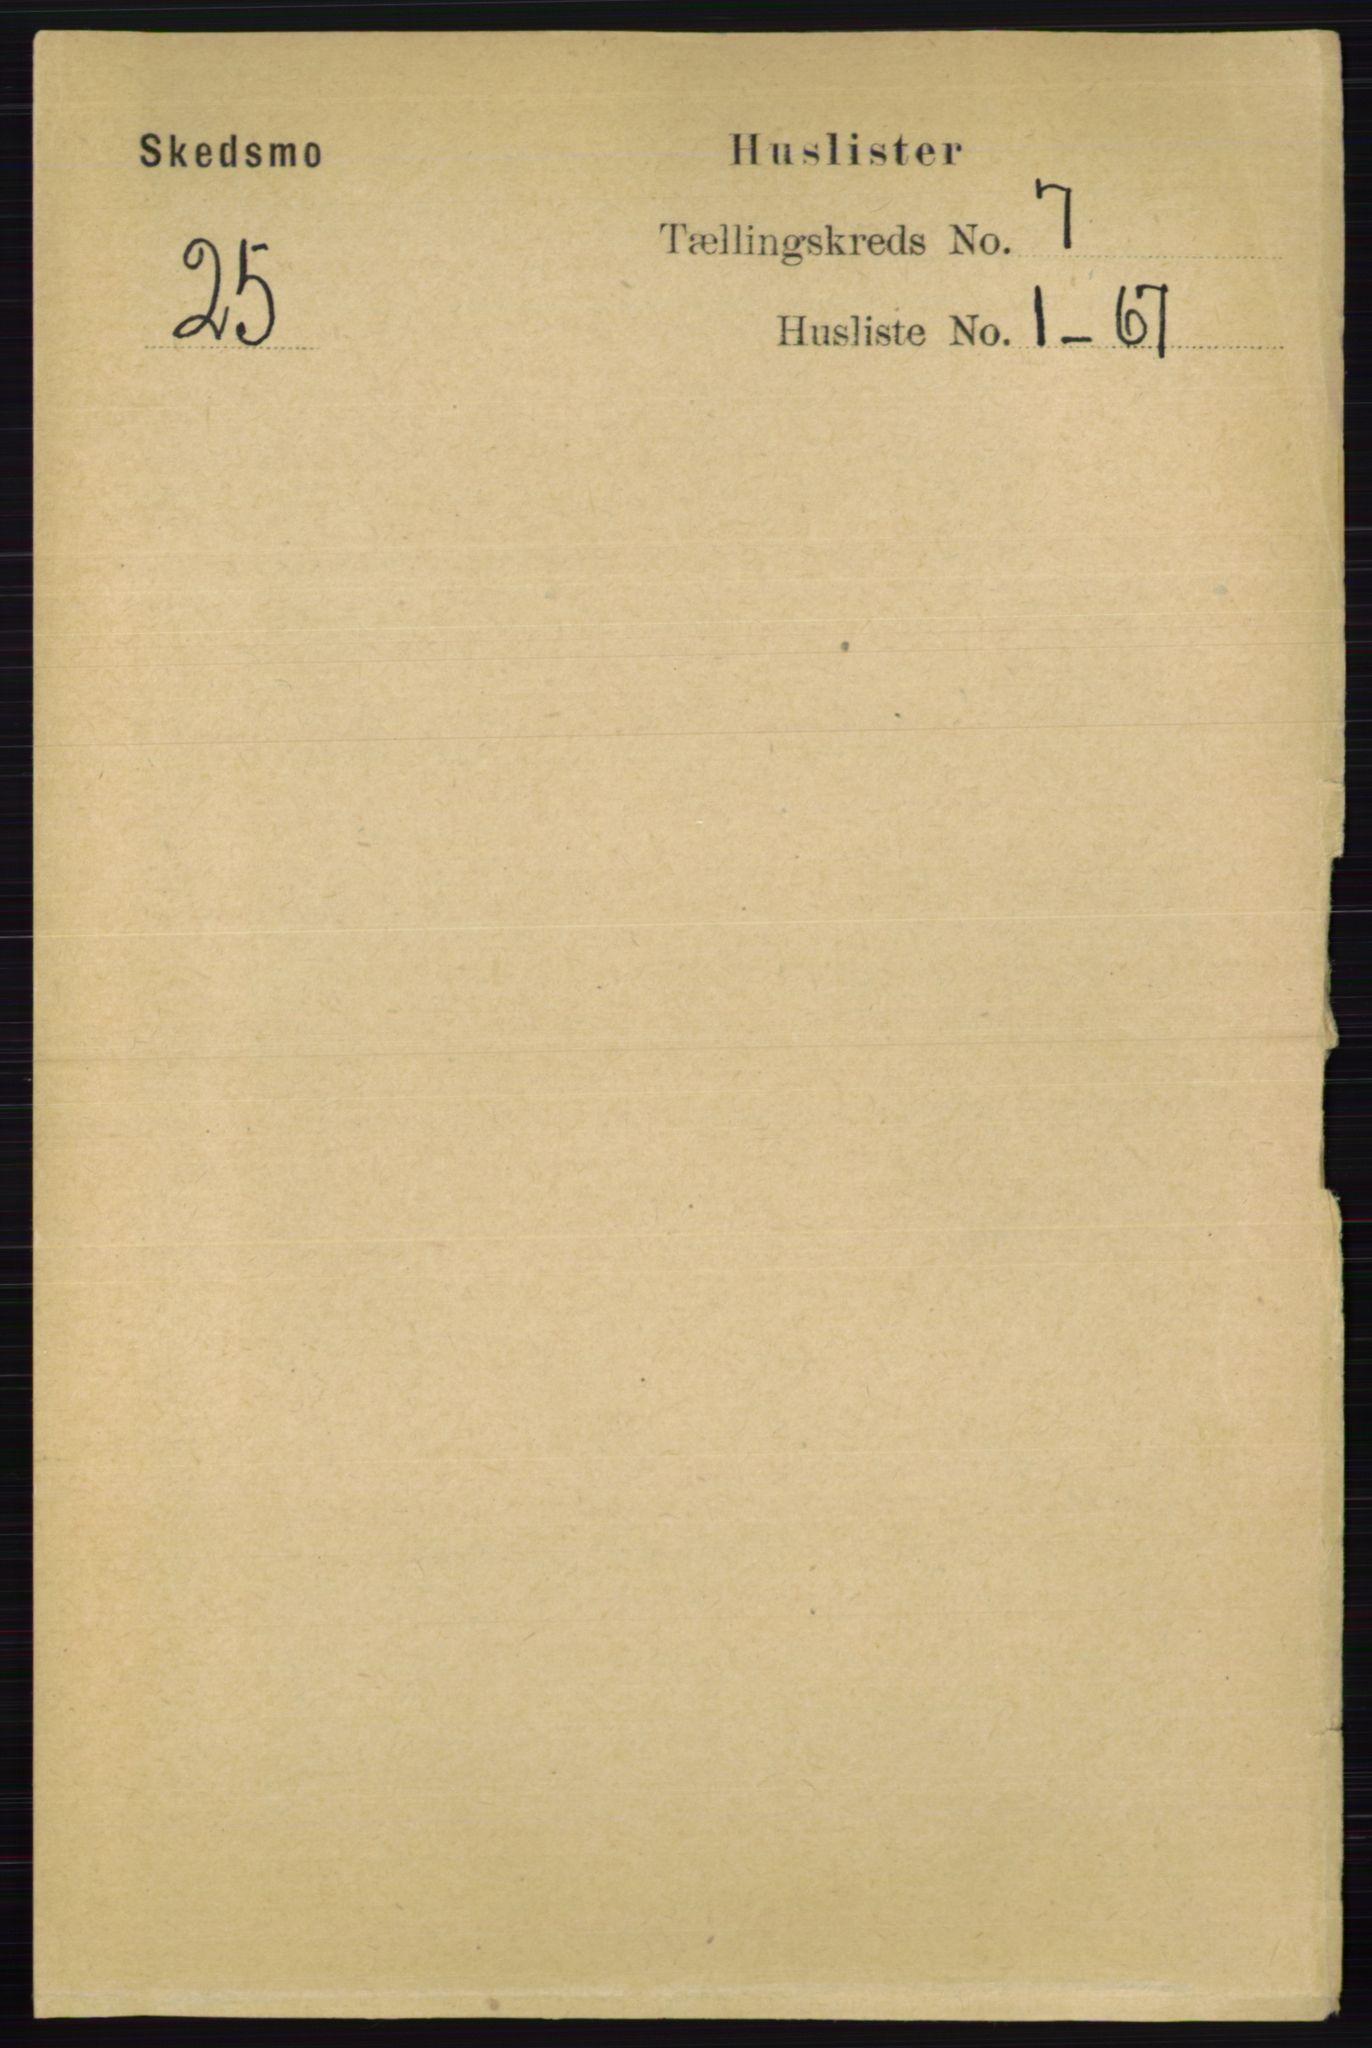 RA, Folketelling 1891 for 0231 Skedsmo herred, 1891, s. 3266